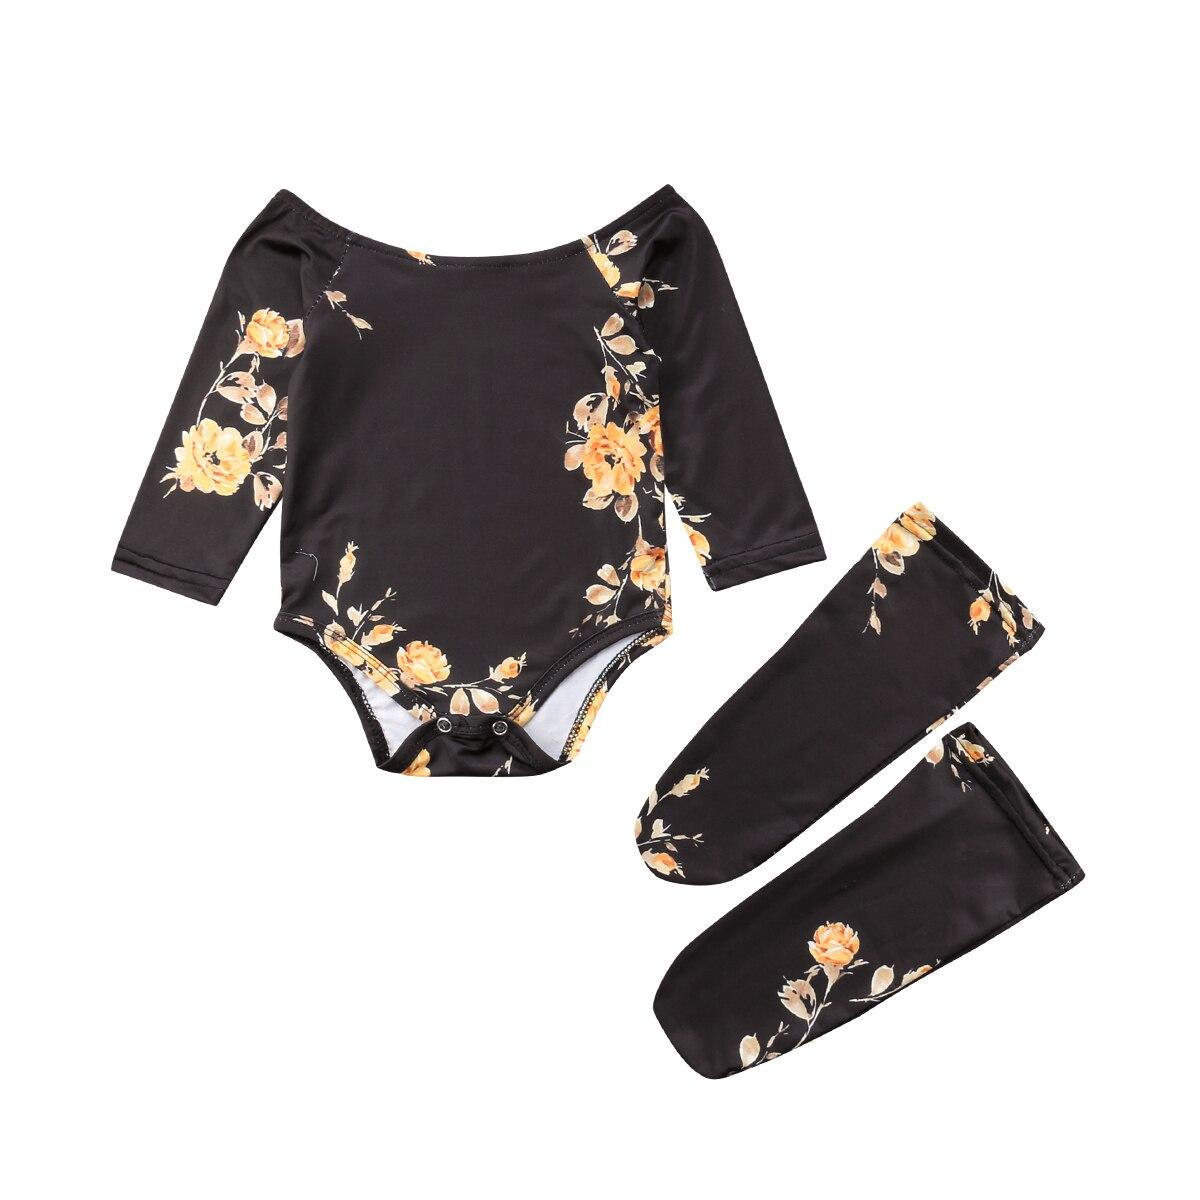 2019 Emmababy Hot Pasgeboren Baby Meisje Off Shoulder Lange Mouwen Goud Zwarte Bloem Romper + Beenwarmers Outfits Kleding Mooie Firm In Structuur